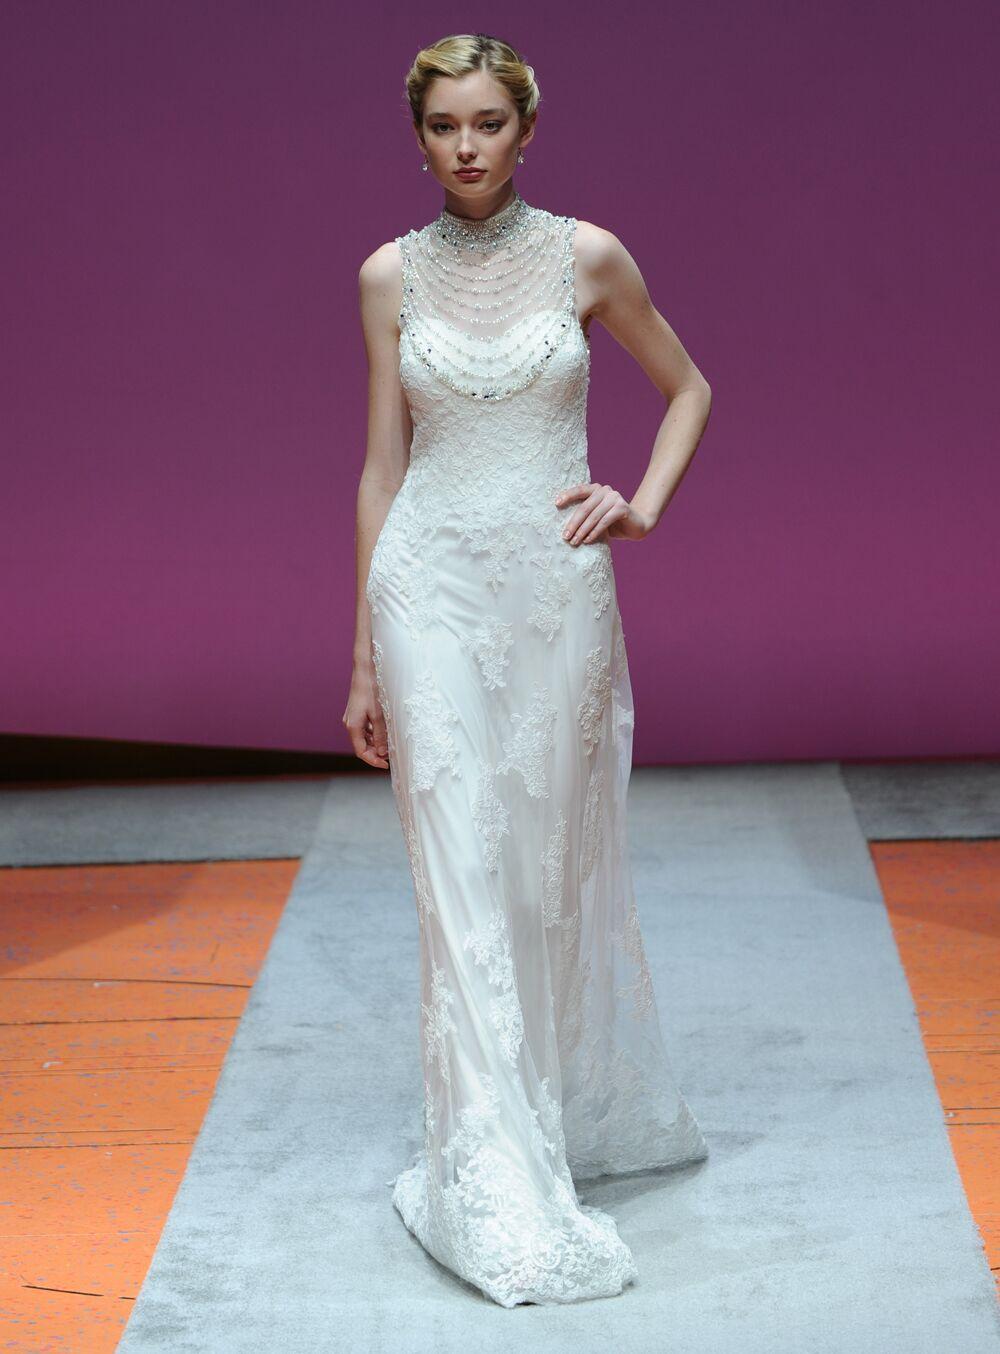 Único Rent Designer Wedding Gown Imagen - Vestido de Novia Para Las ...